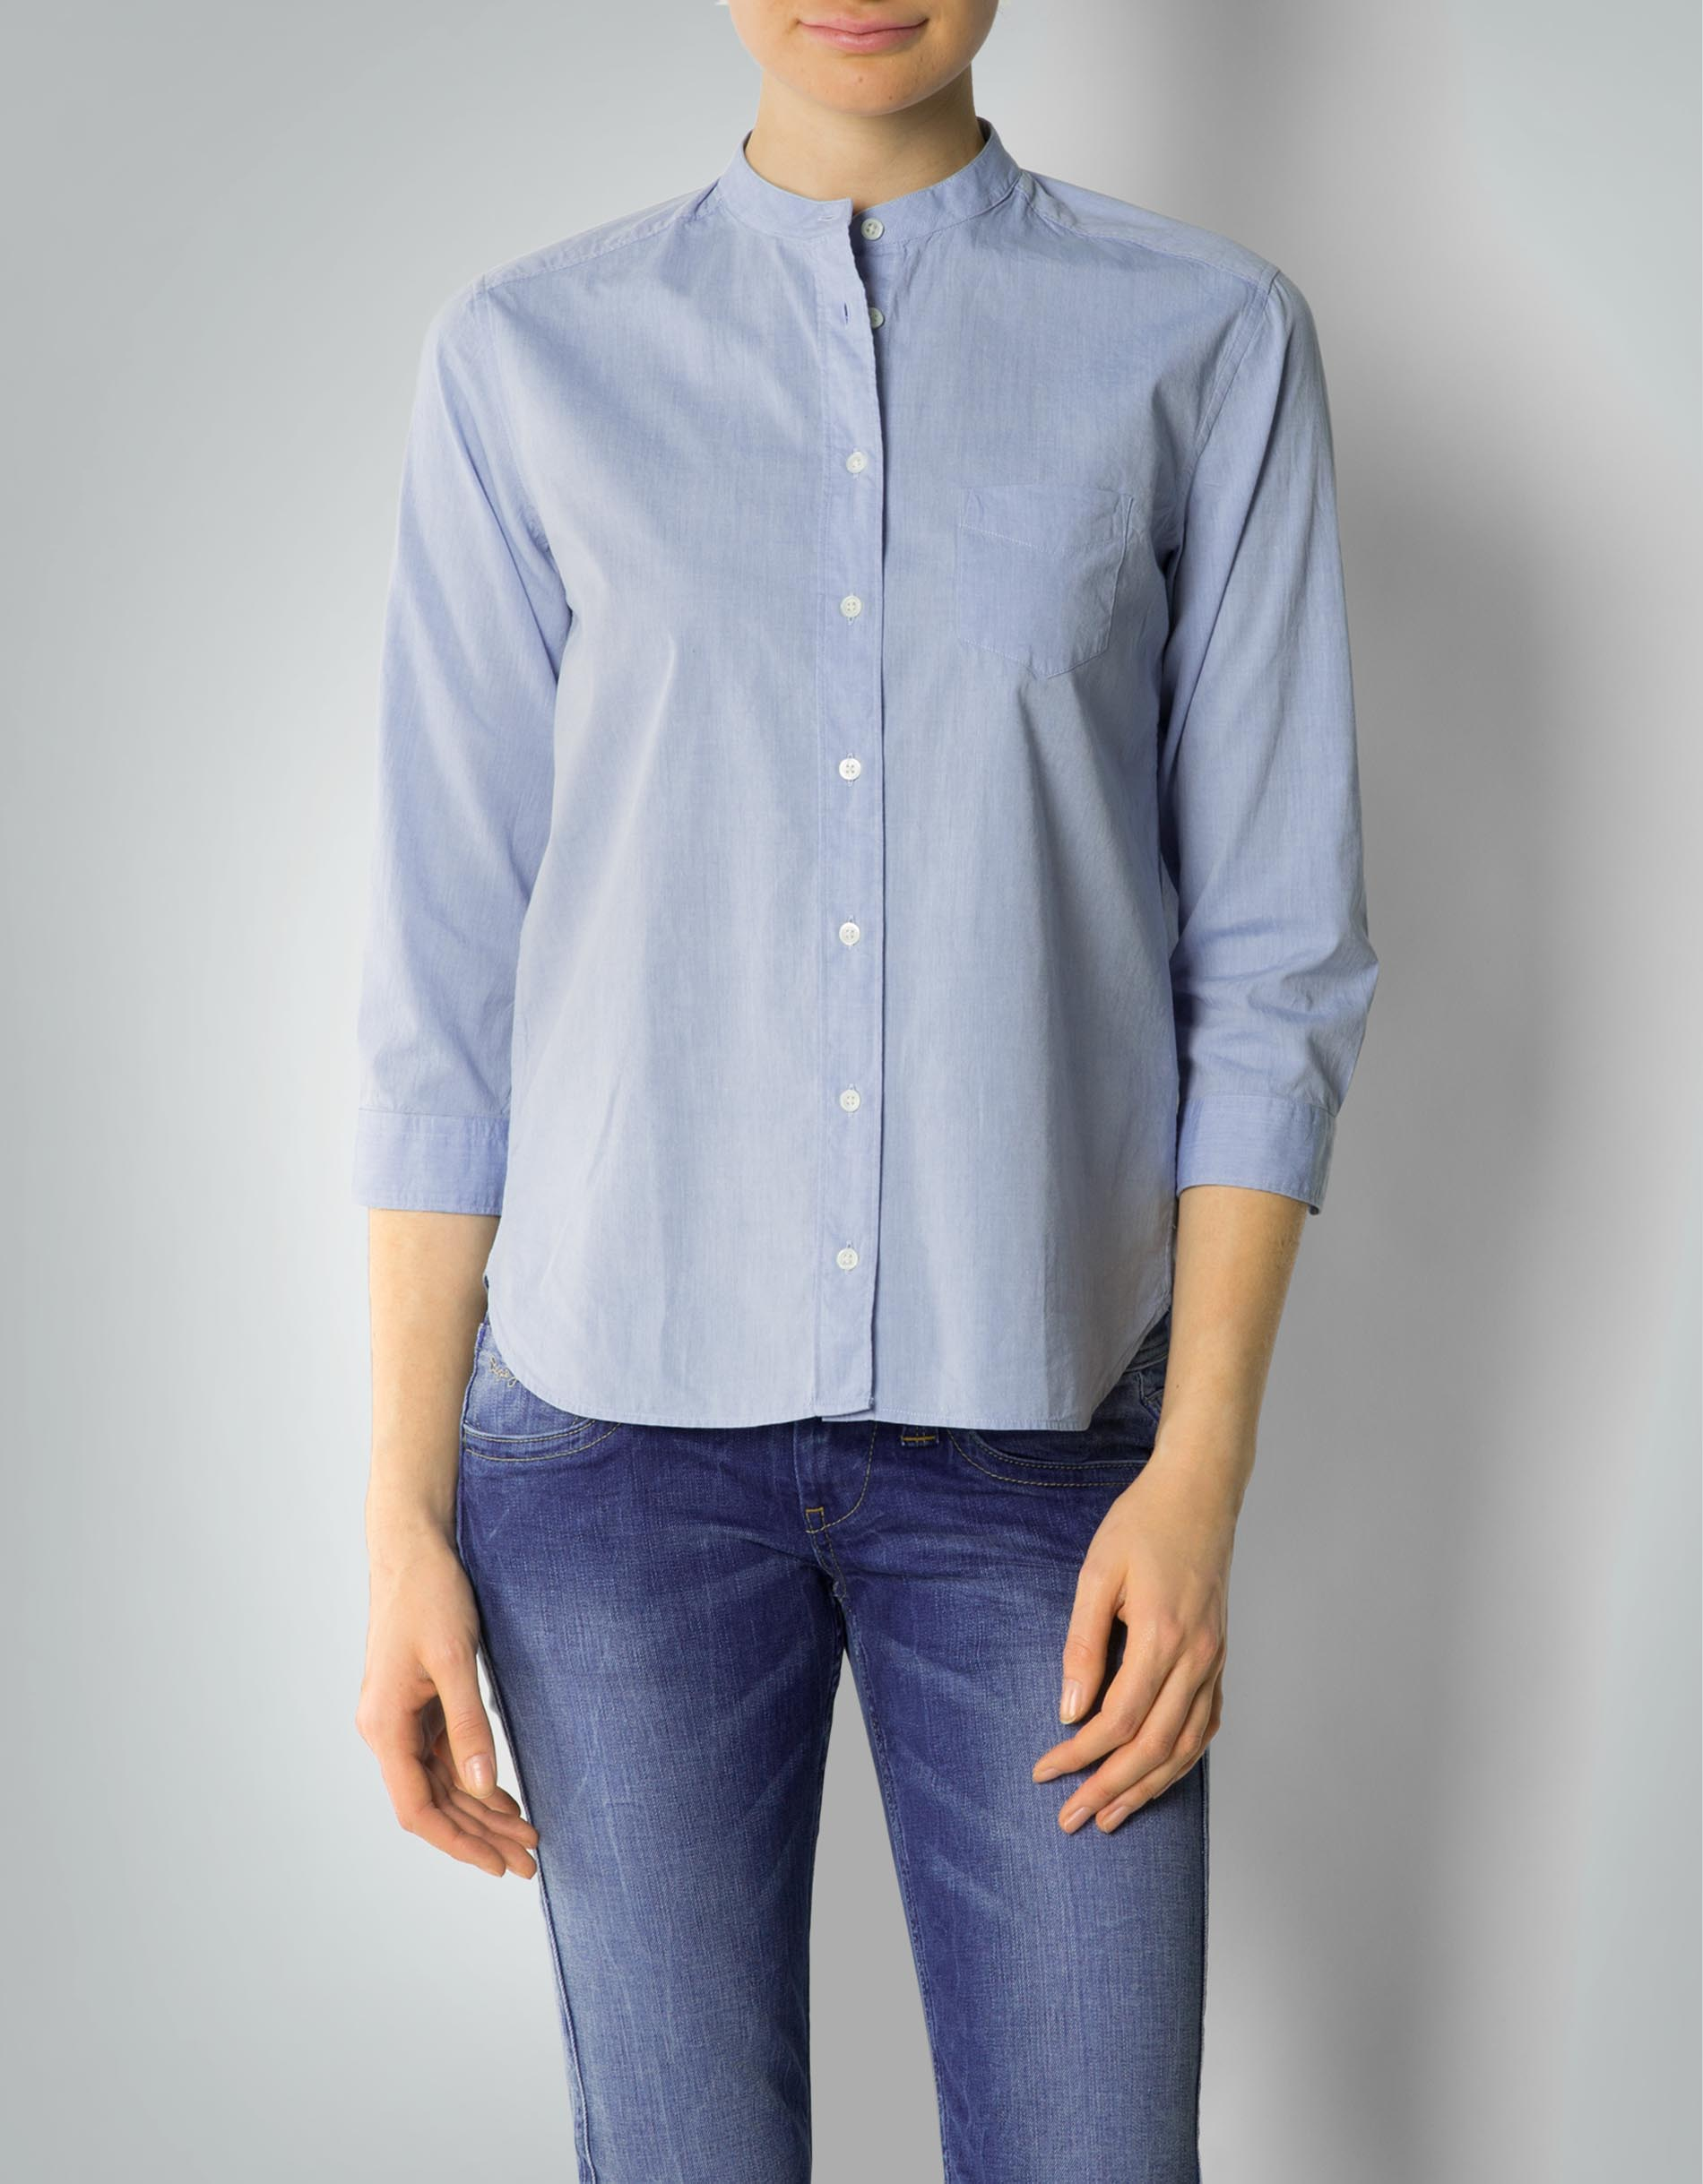 newest collection b430b 8e65d Gant Damen Bluse Hemd mit Stehkragen empfohlen von Deinen ...